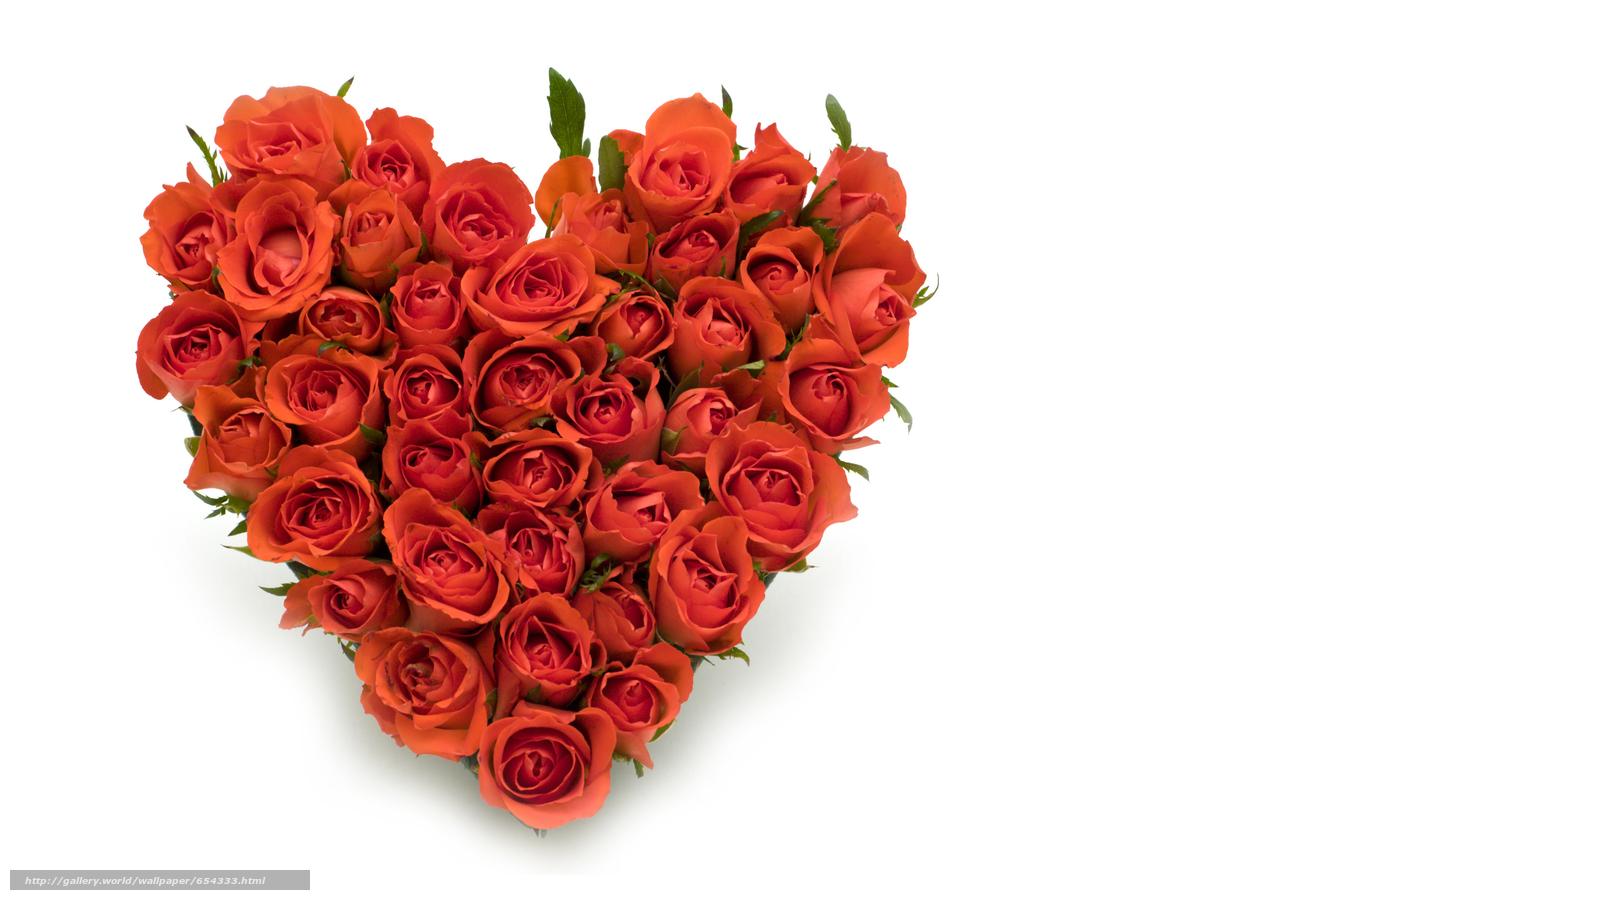 Скачать обои праздник,  день Святого Валентина,  сердце,  розы бесплатно для рабочего стола в разрешении 10675x6005 — картинка №654333